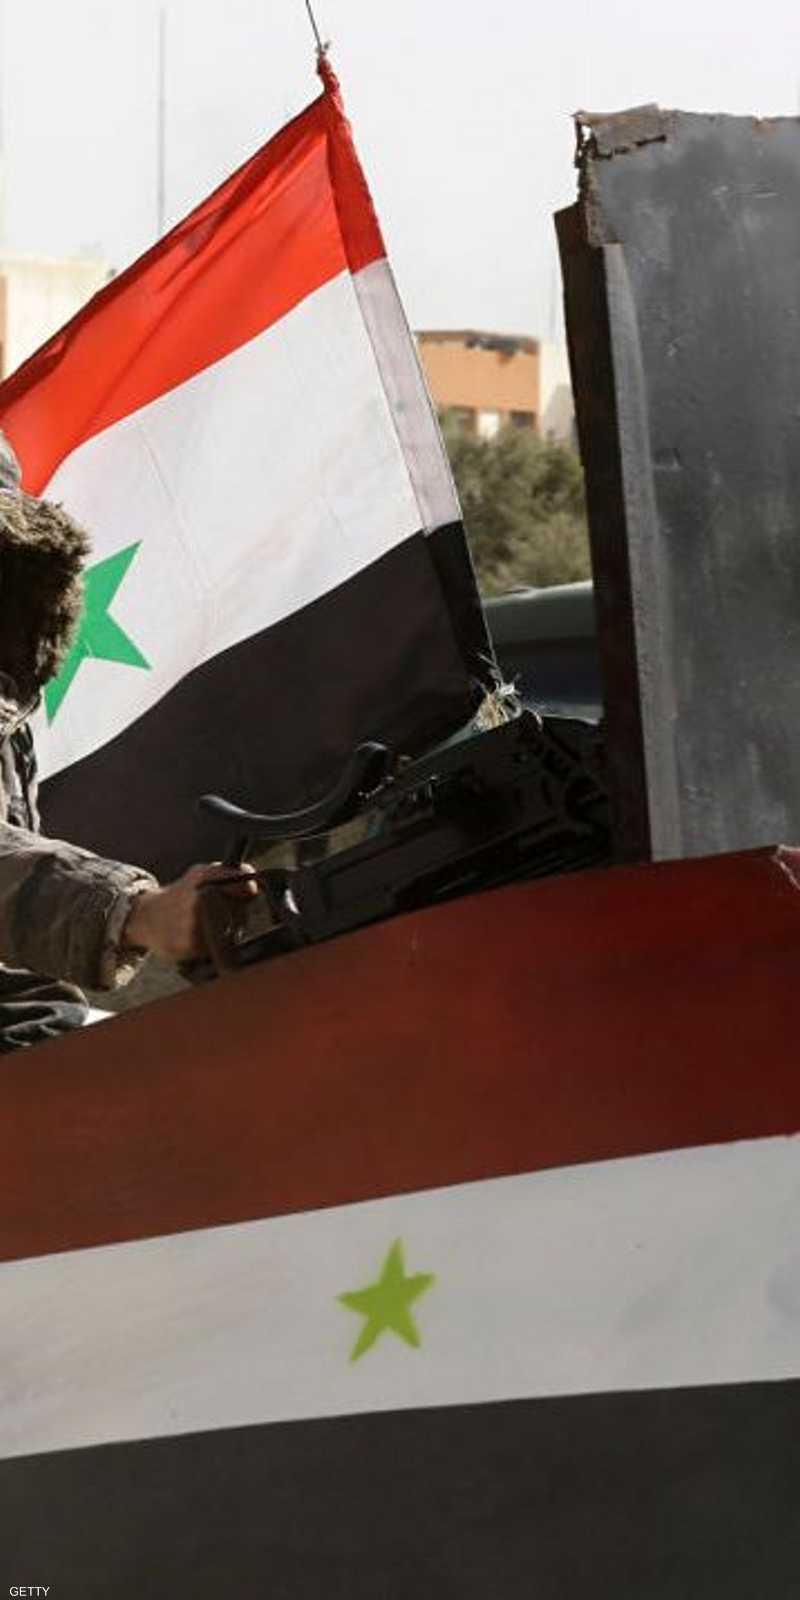 روسيا تعلن تفاصيل الضربة الإسرائيلية وخسائر الجيش السوري 1-1219905.jpg